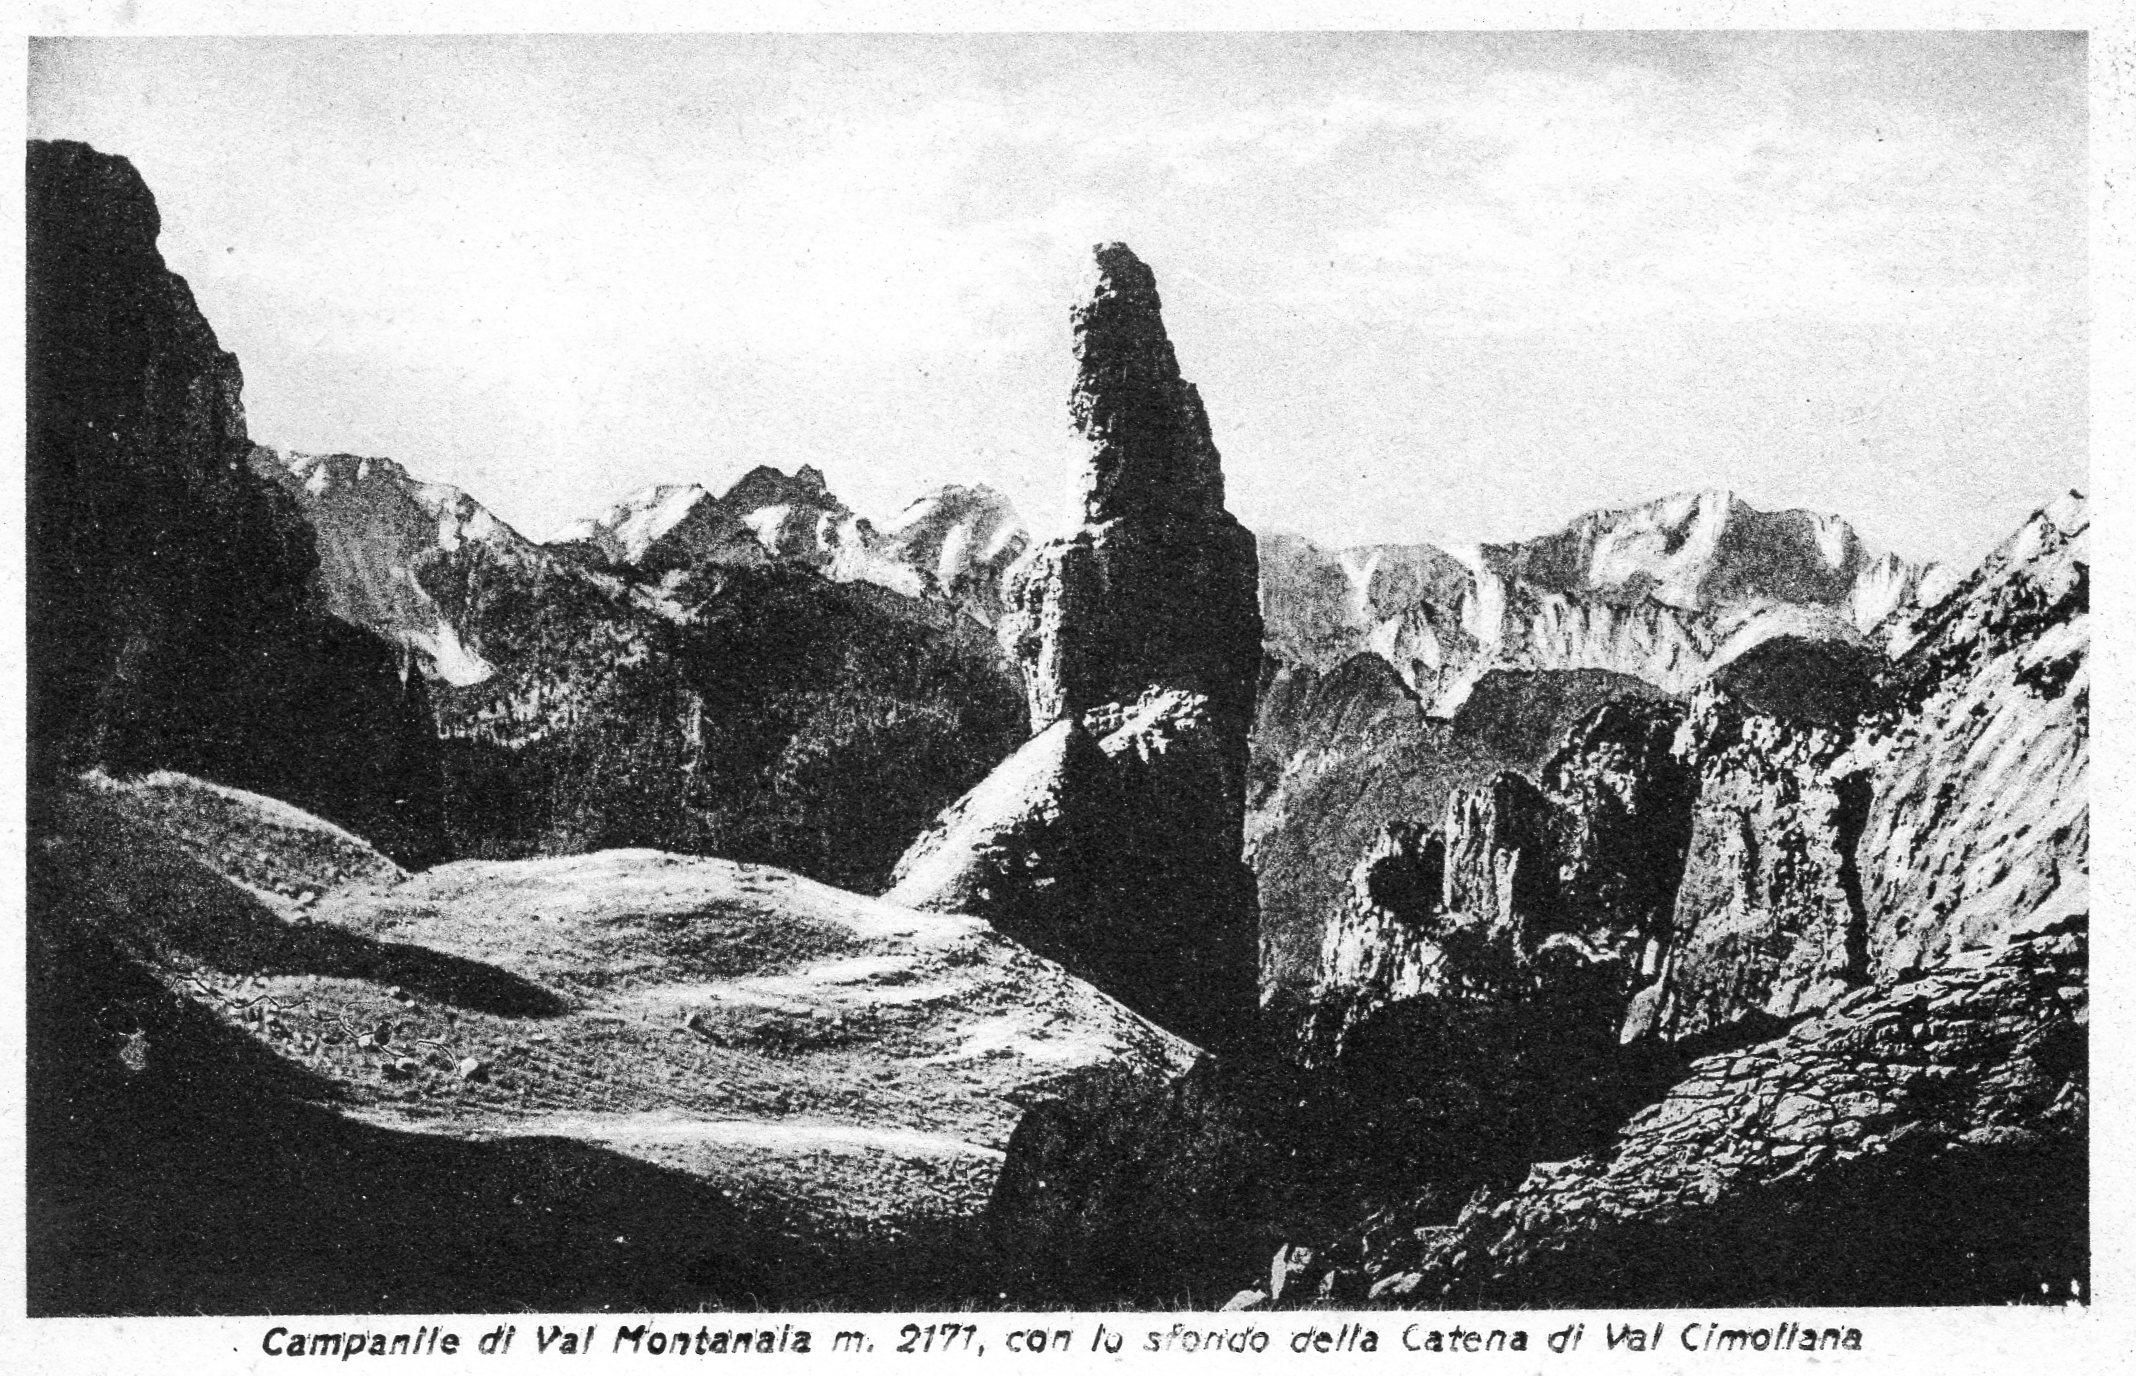 Campanile di Val Montanaja - data non definita